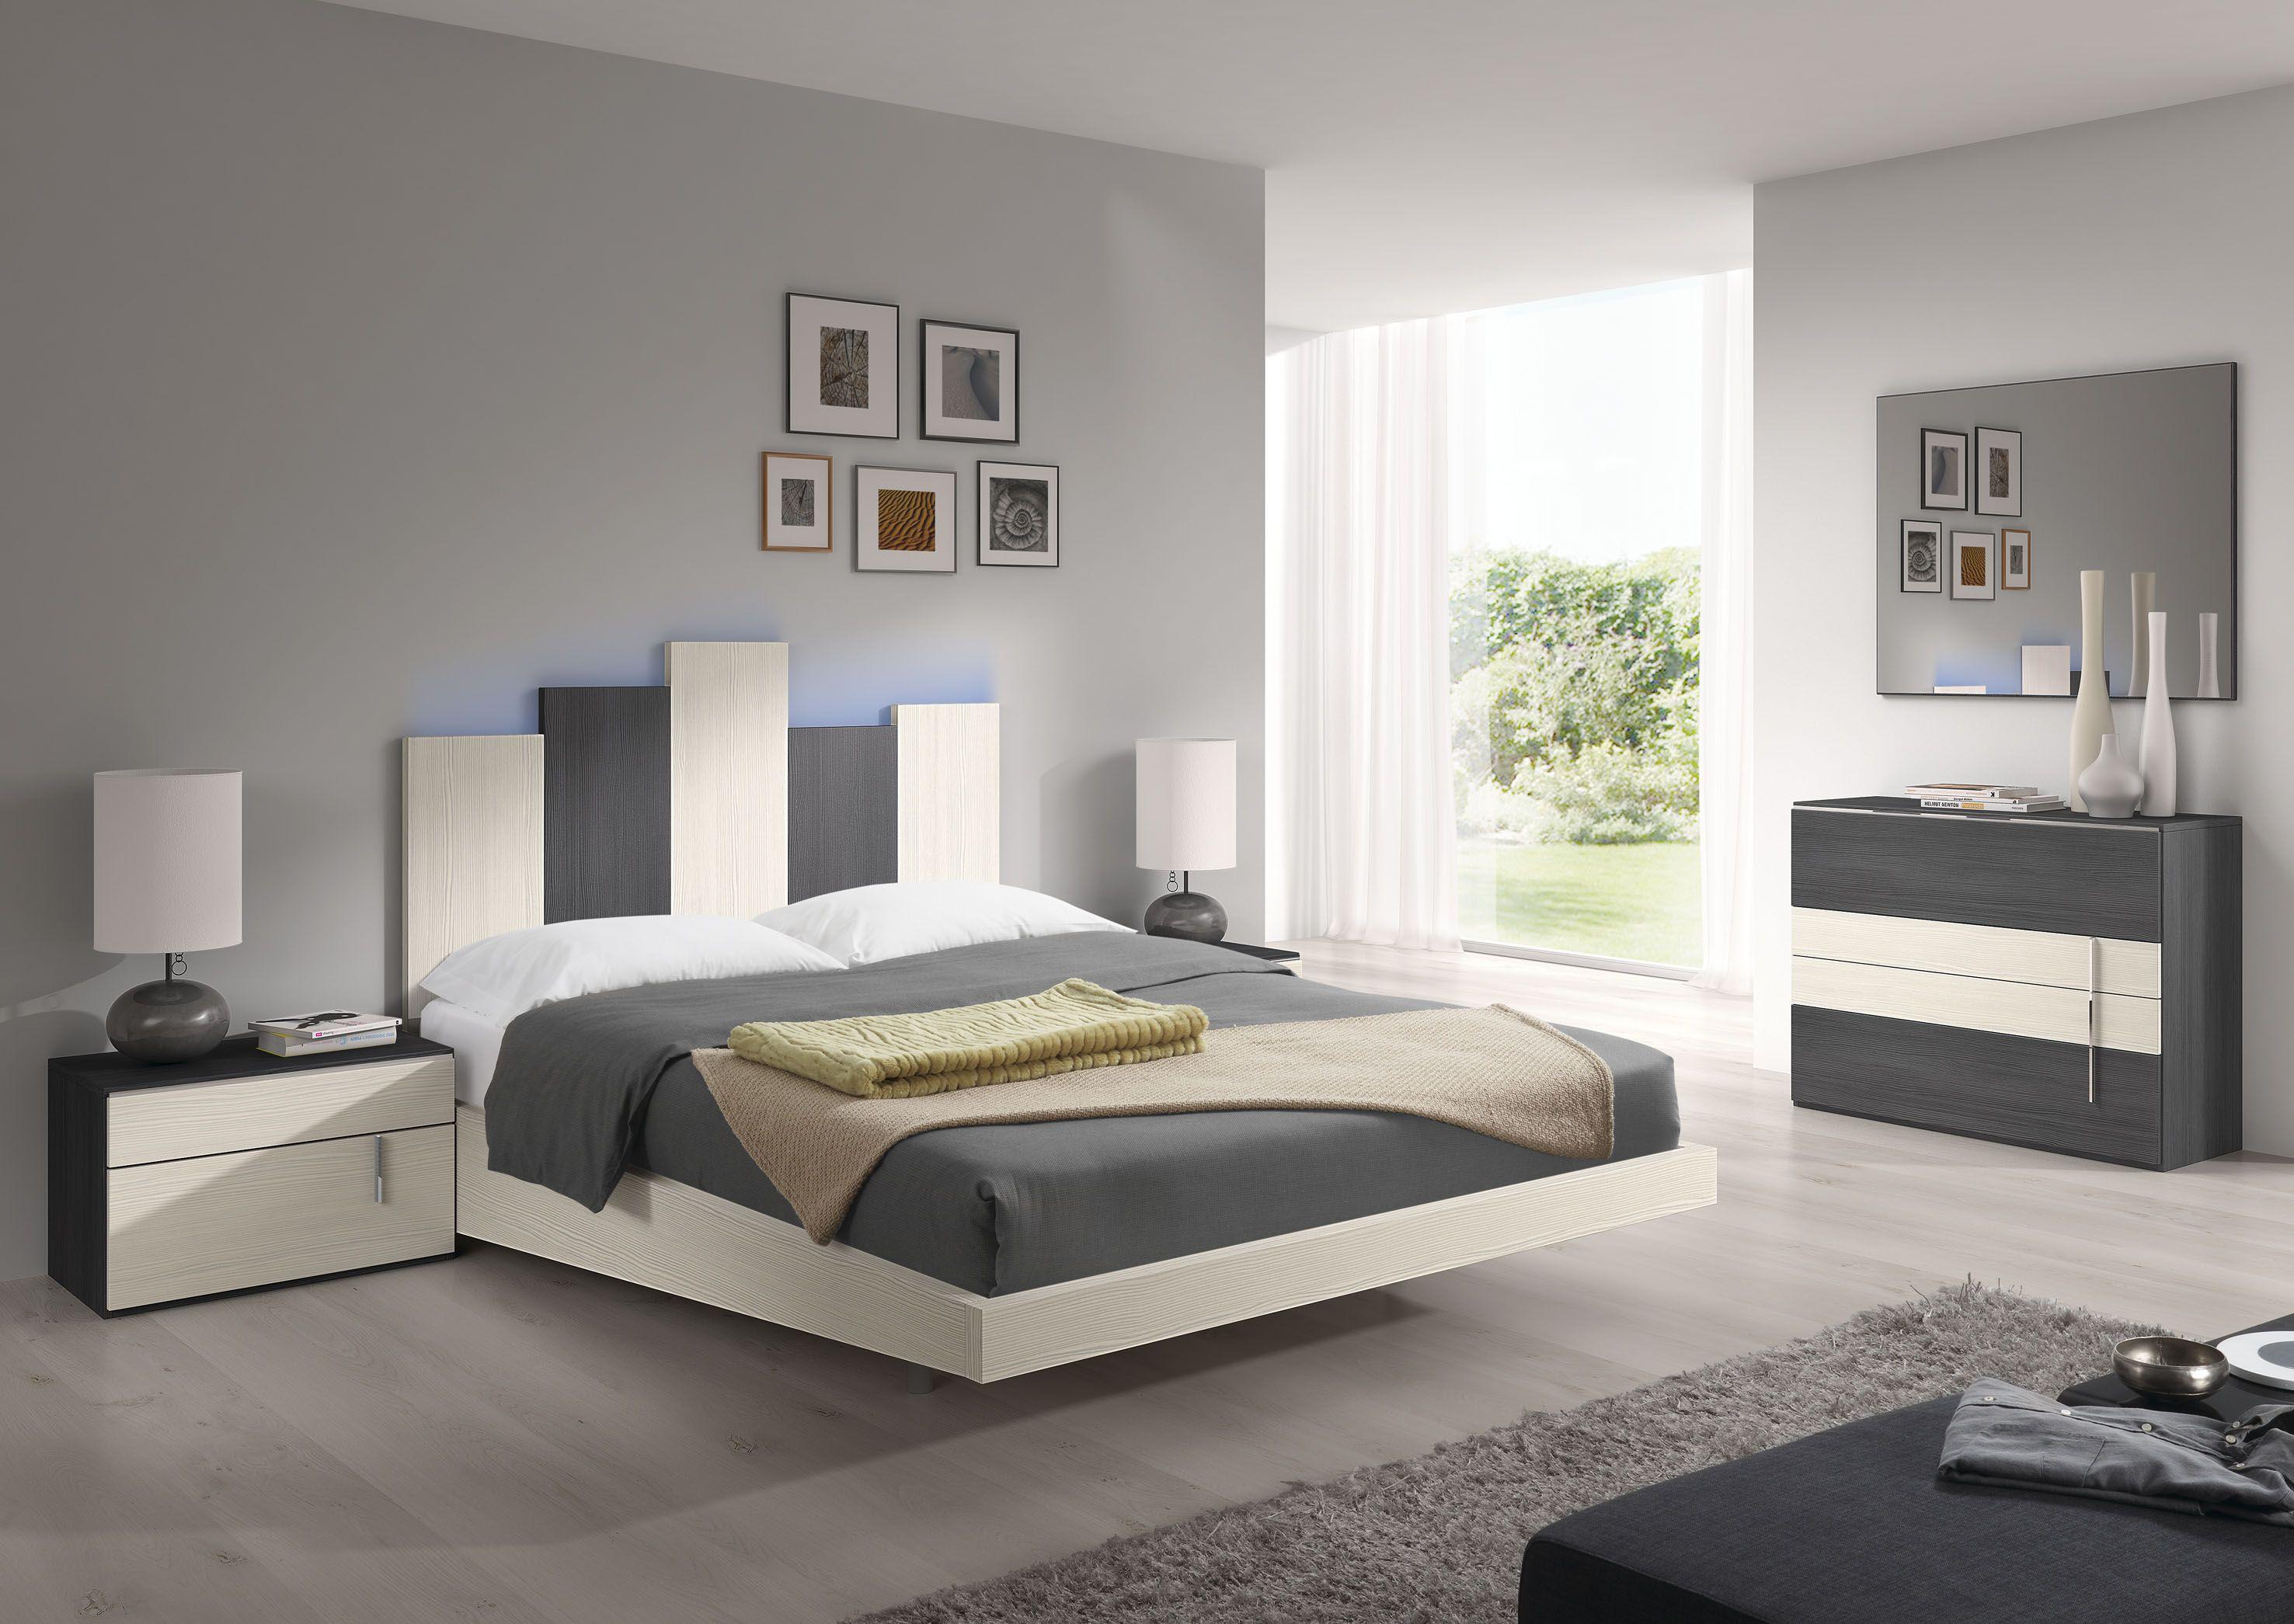 . Dormitorio de matrimonio  modelo Chicago   habitaciones in 2019